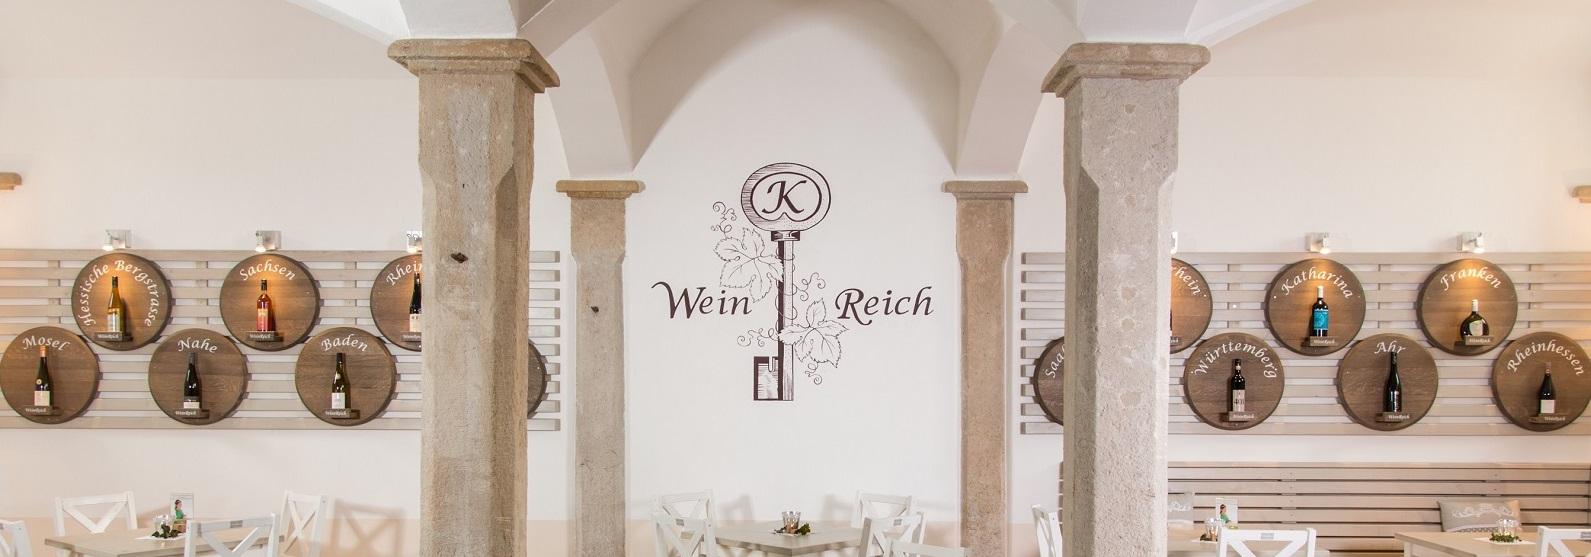 WeinReich ist die kleine Weinwirtschaft der 26.Sächsichen Weinkömigin Katharina Lai